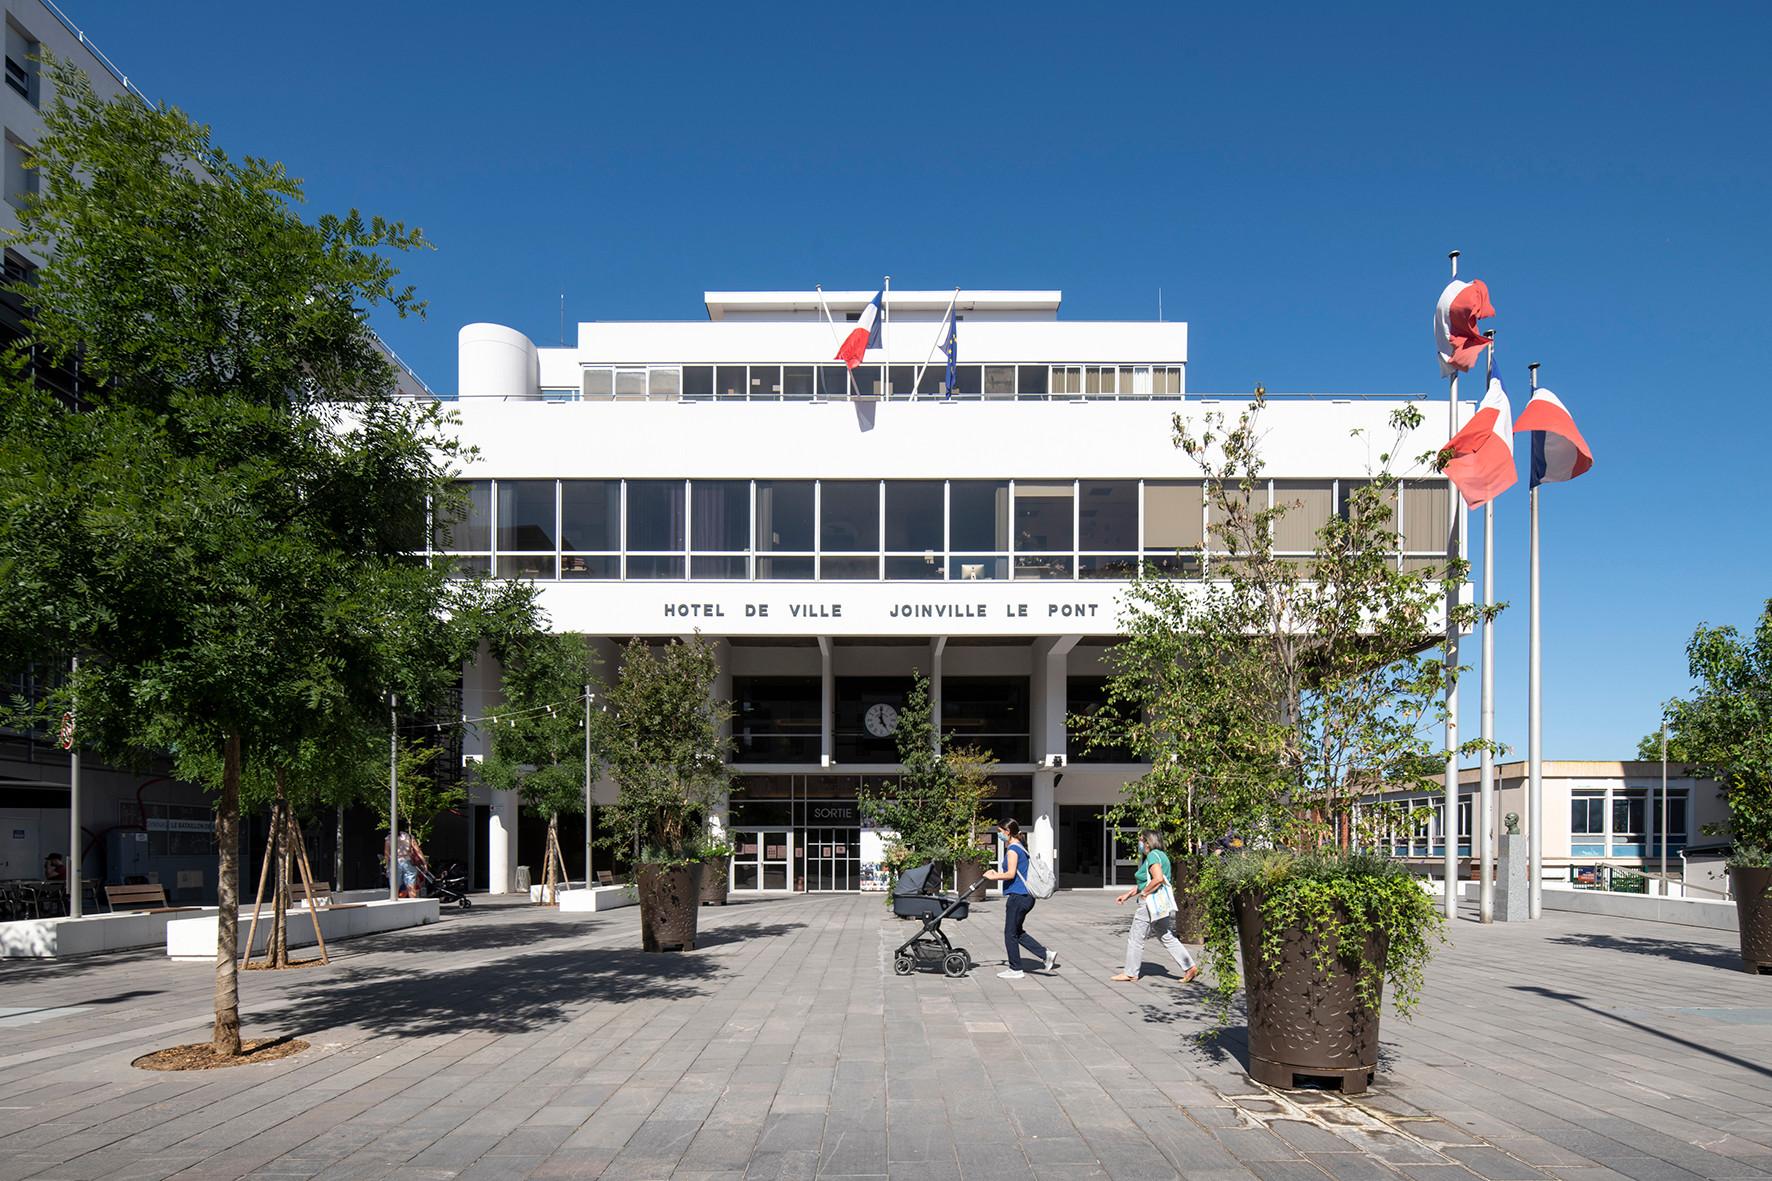 Hôtel de ville de Joinville-le-Pont